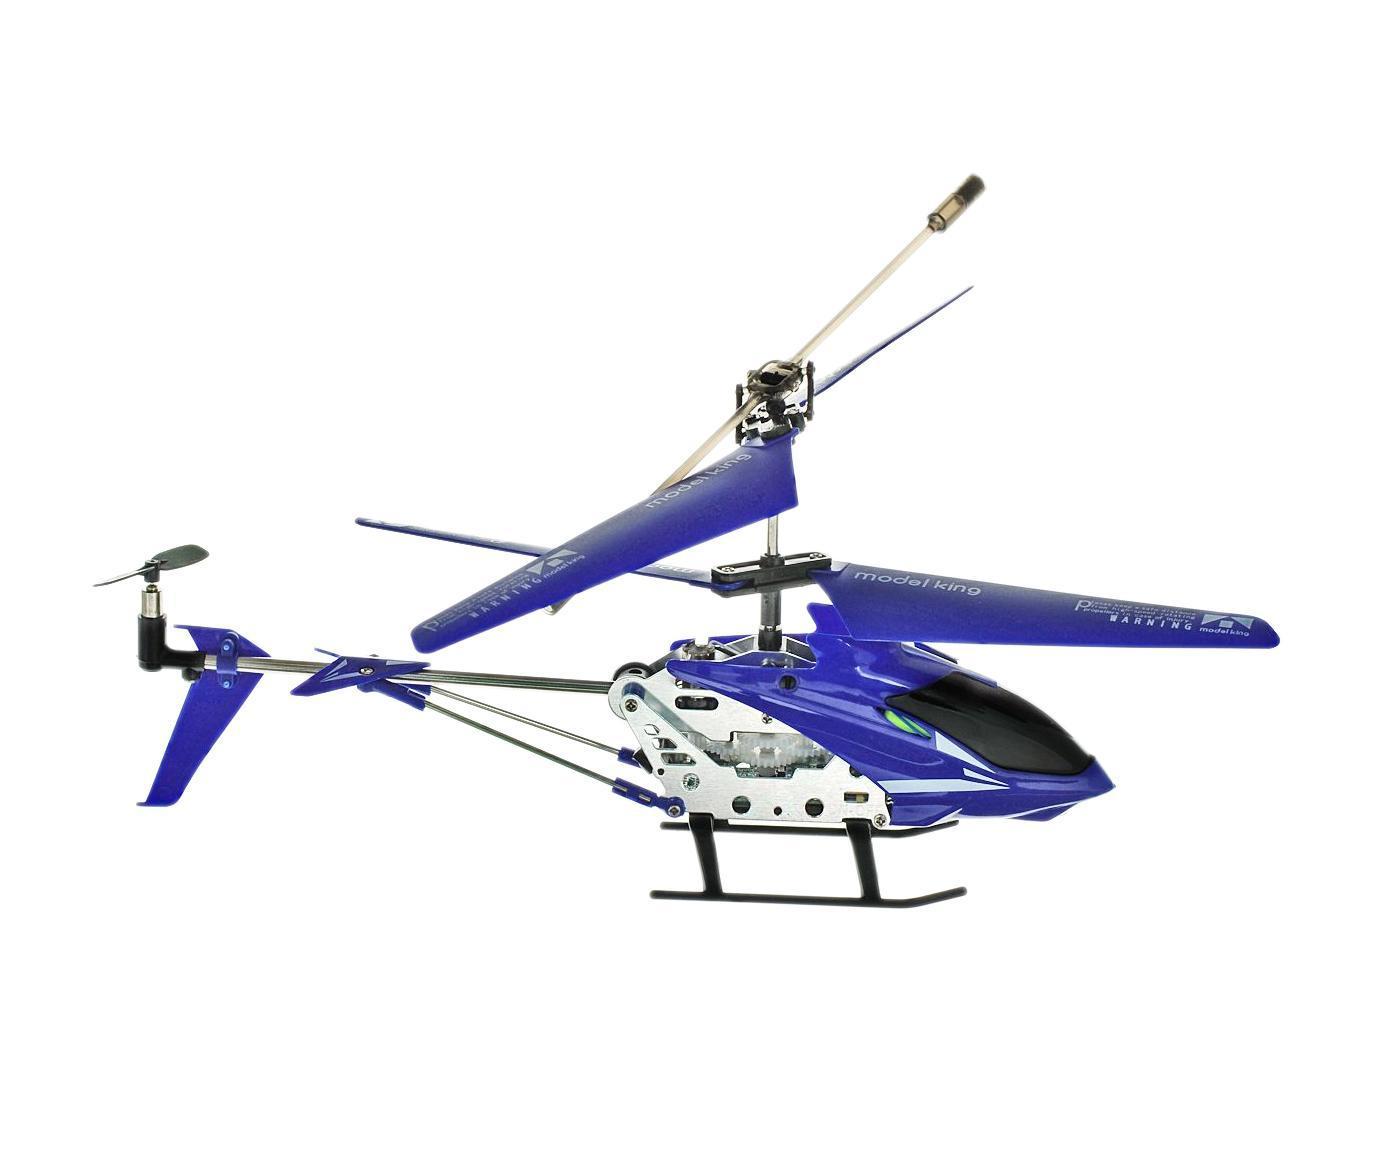 Junfa Toys Вертолет на радиоуправлении Model King цвет синий33008-1 синийРадиоуправляемая модель Вертолет с 3,5-канальным управлением обязательно понравится вашему ребенку. Она выполнена из металла с элементами пластика в виде вертолета. Управление игрушкой осуществляется с помощью пульта управления. Гироскоп способствует максимальной стабилизации полета. Световые эффекты сделают игру еще более захватывающей. Вертолет двигается назад/вперед, вверх/вниз, а также устремляться в левую и правую сторону. Игрушка предназначена для запуска в помещении.